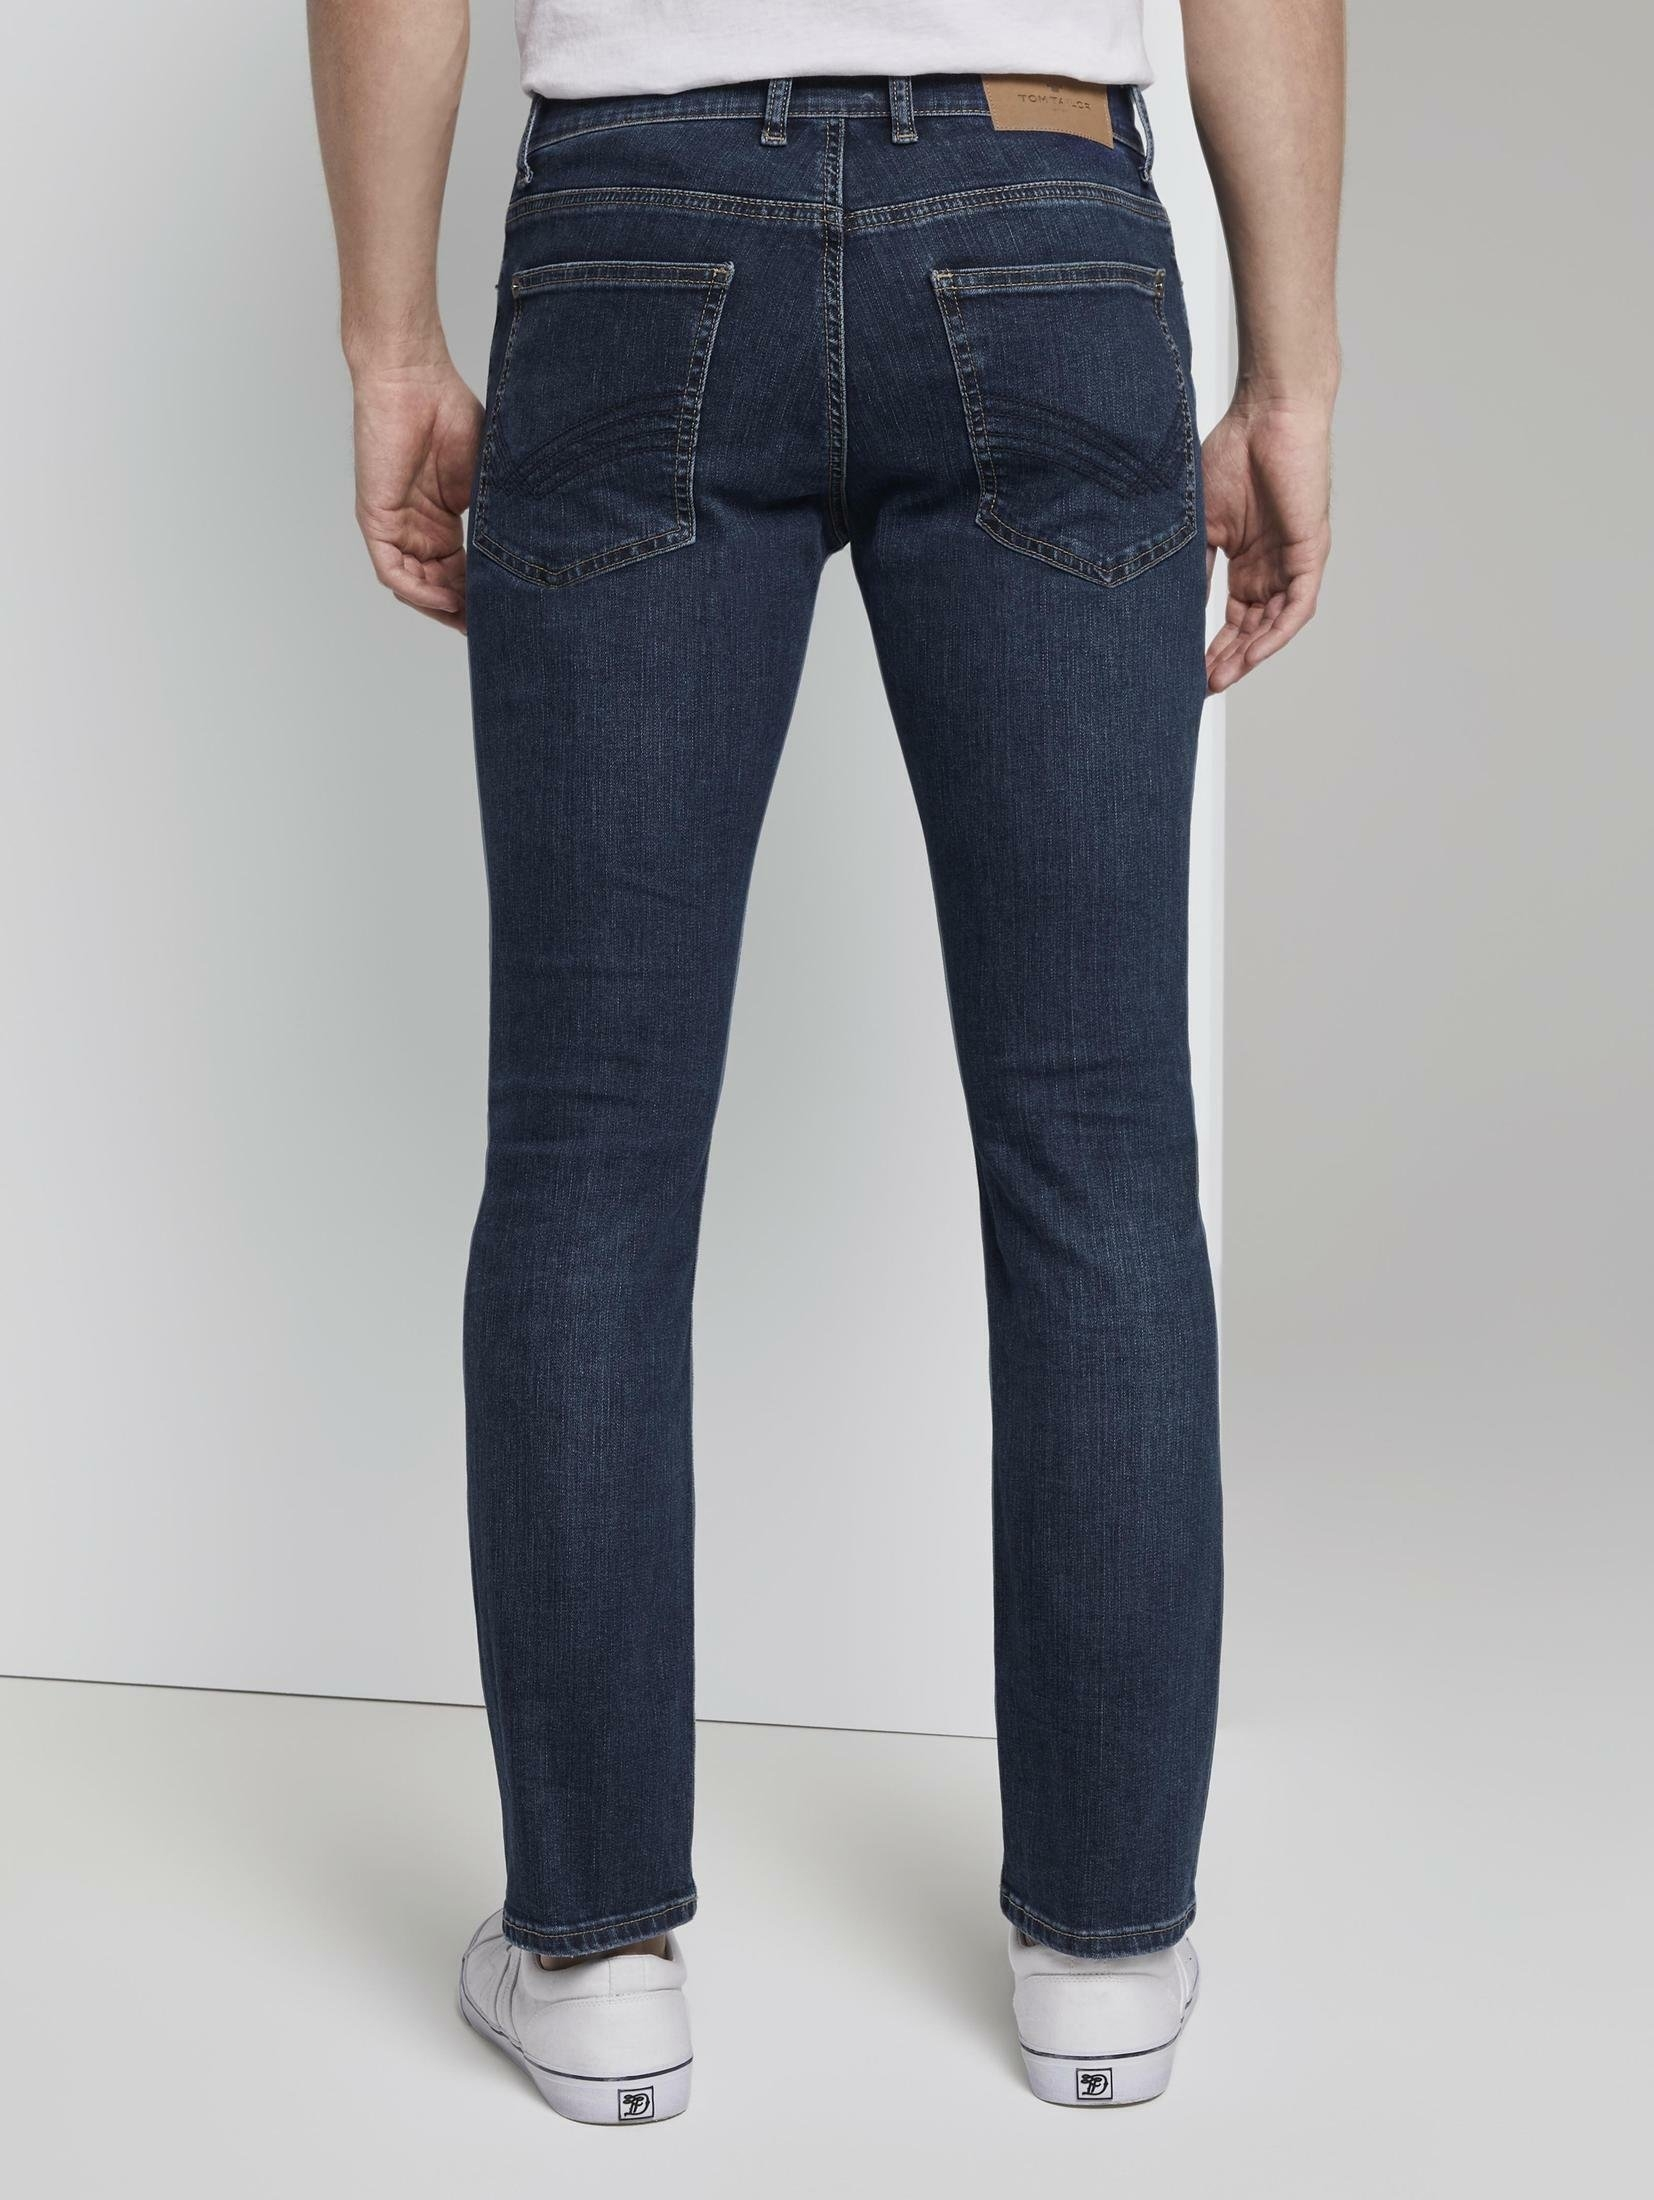 Op zoek naar een TOM TAILOR slim fit jeans »Josh regular slim jeans«? Koop online bij OTTO